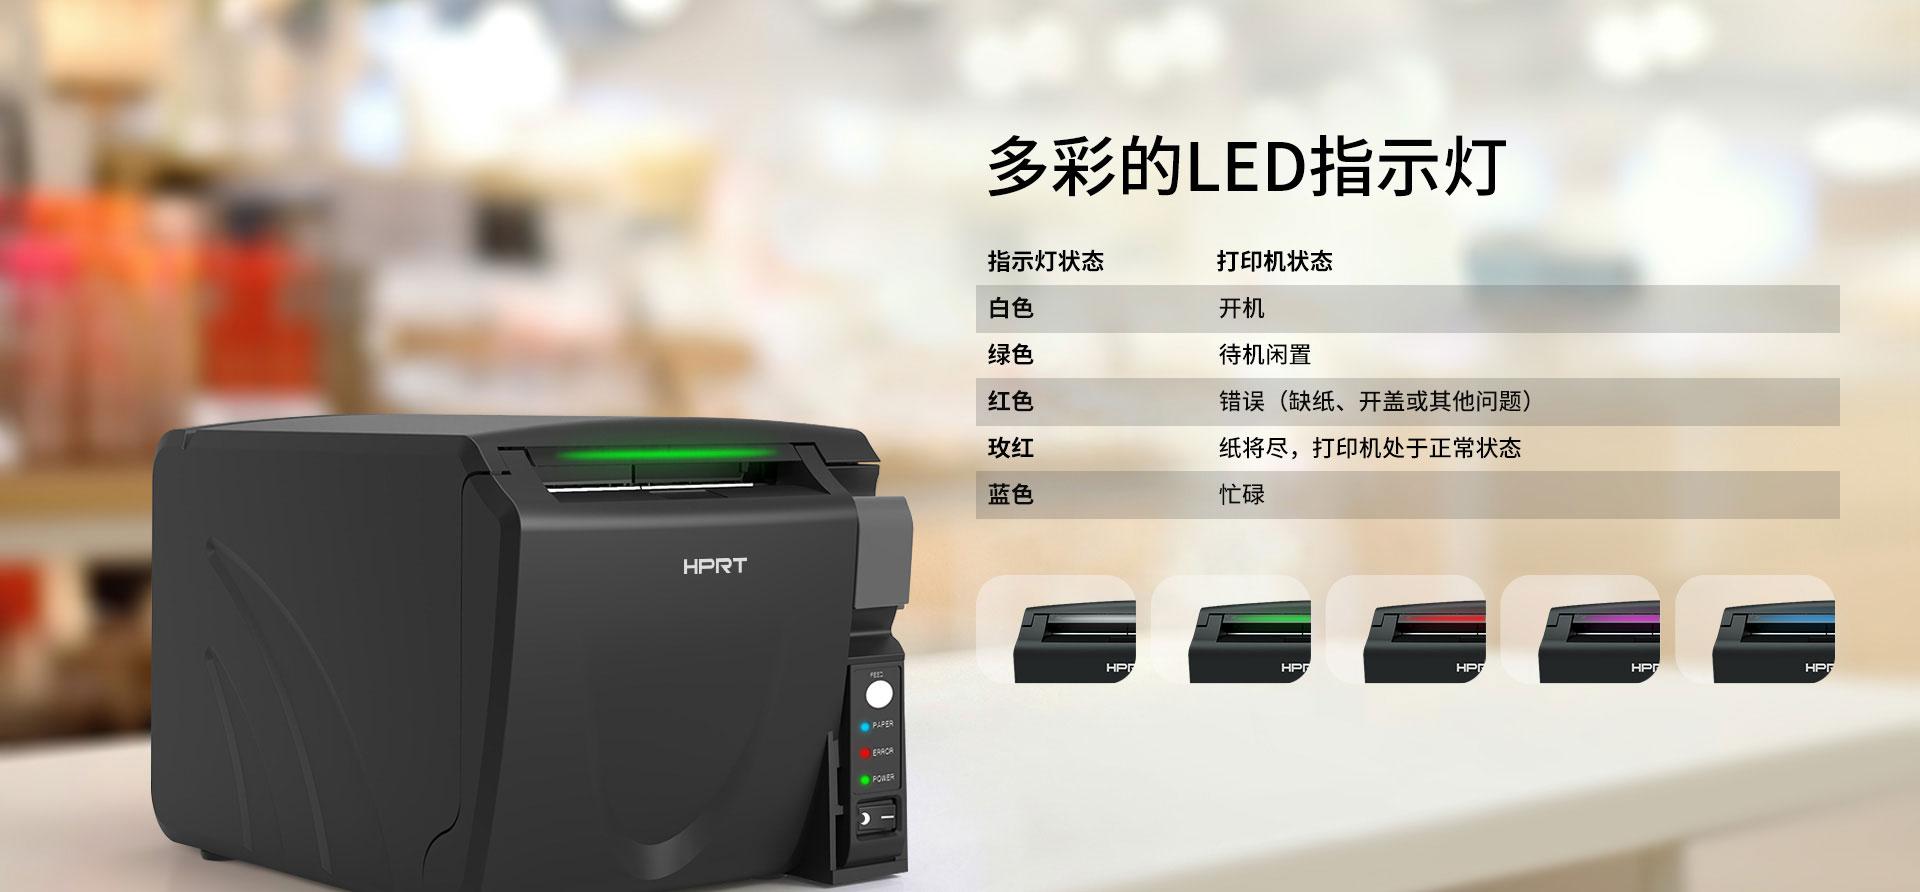 TP801热敏票据打印机  第5张